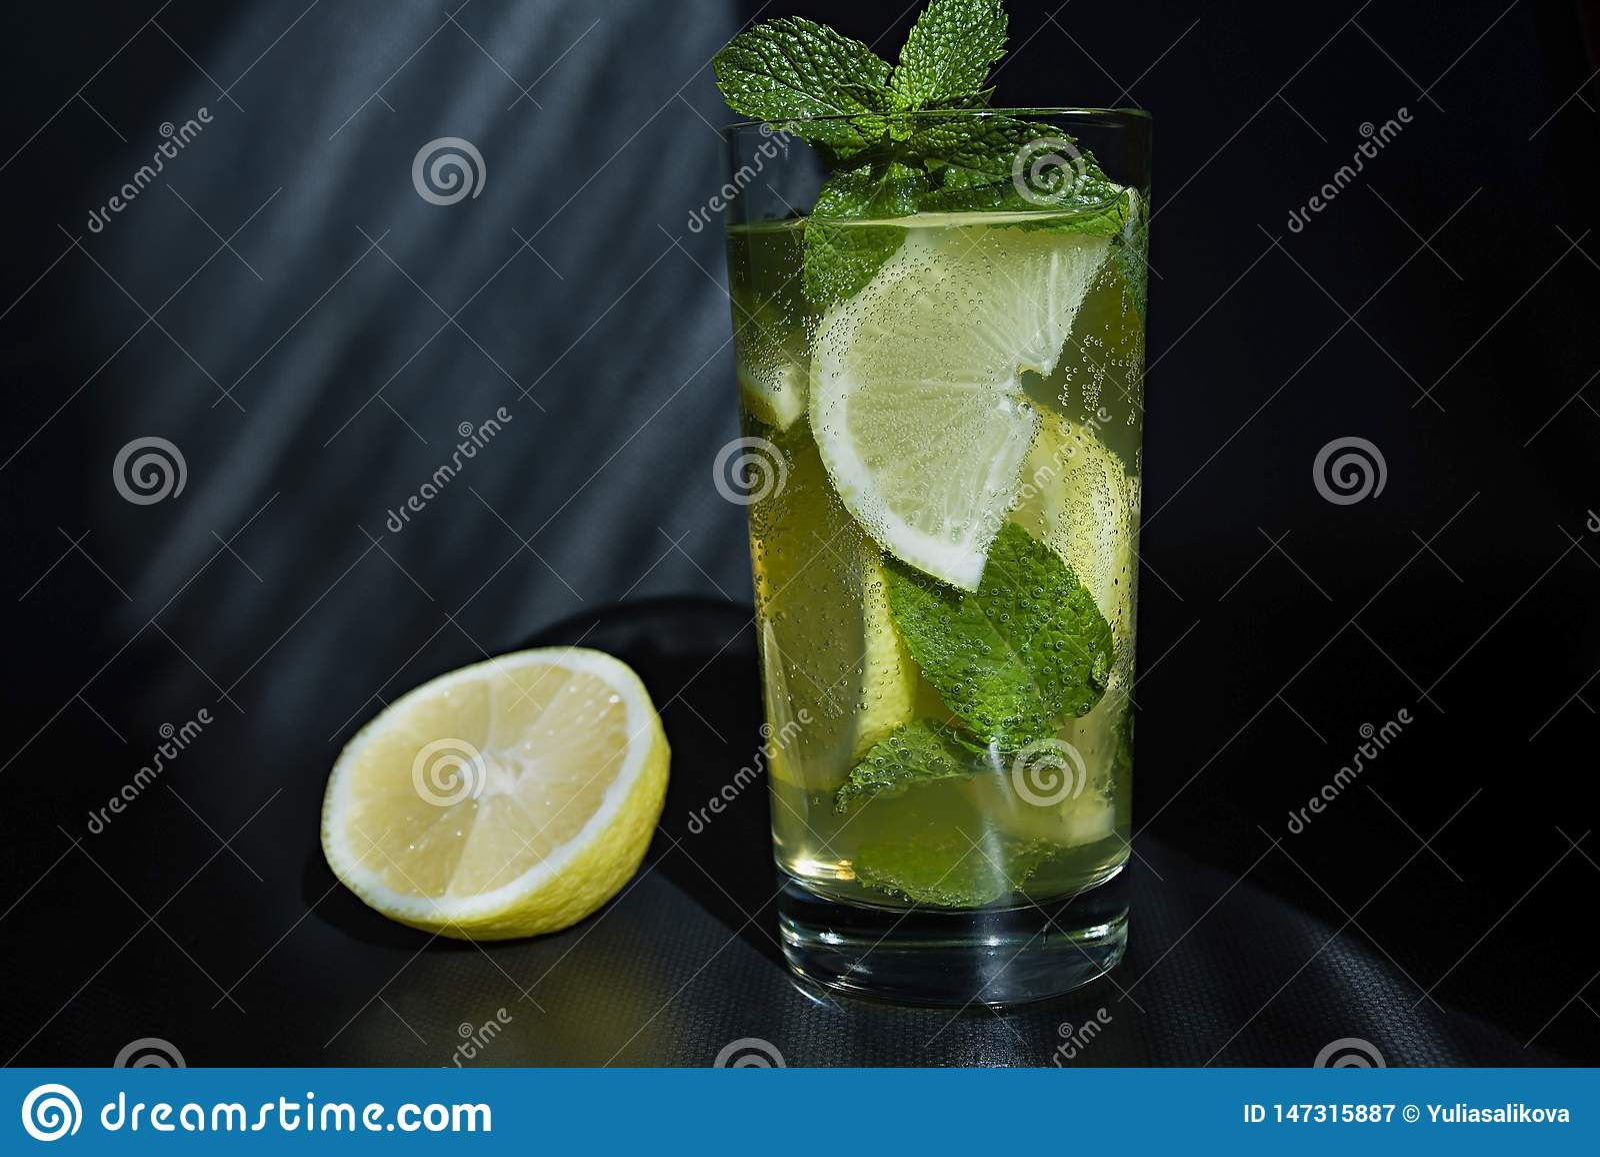 Lemonad eller mojitococtail med citronen och mintkaramell, kall uppfriskande drink eller dryck med is